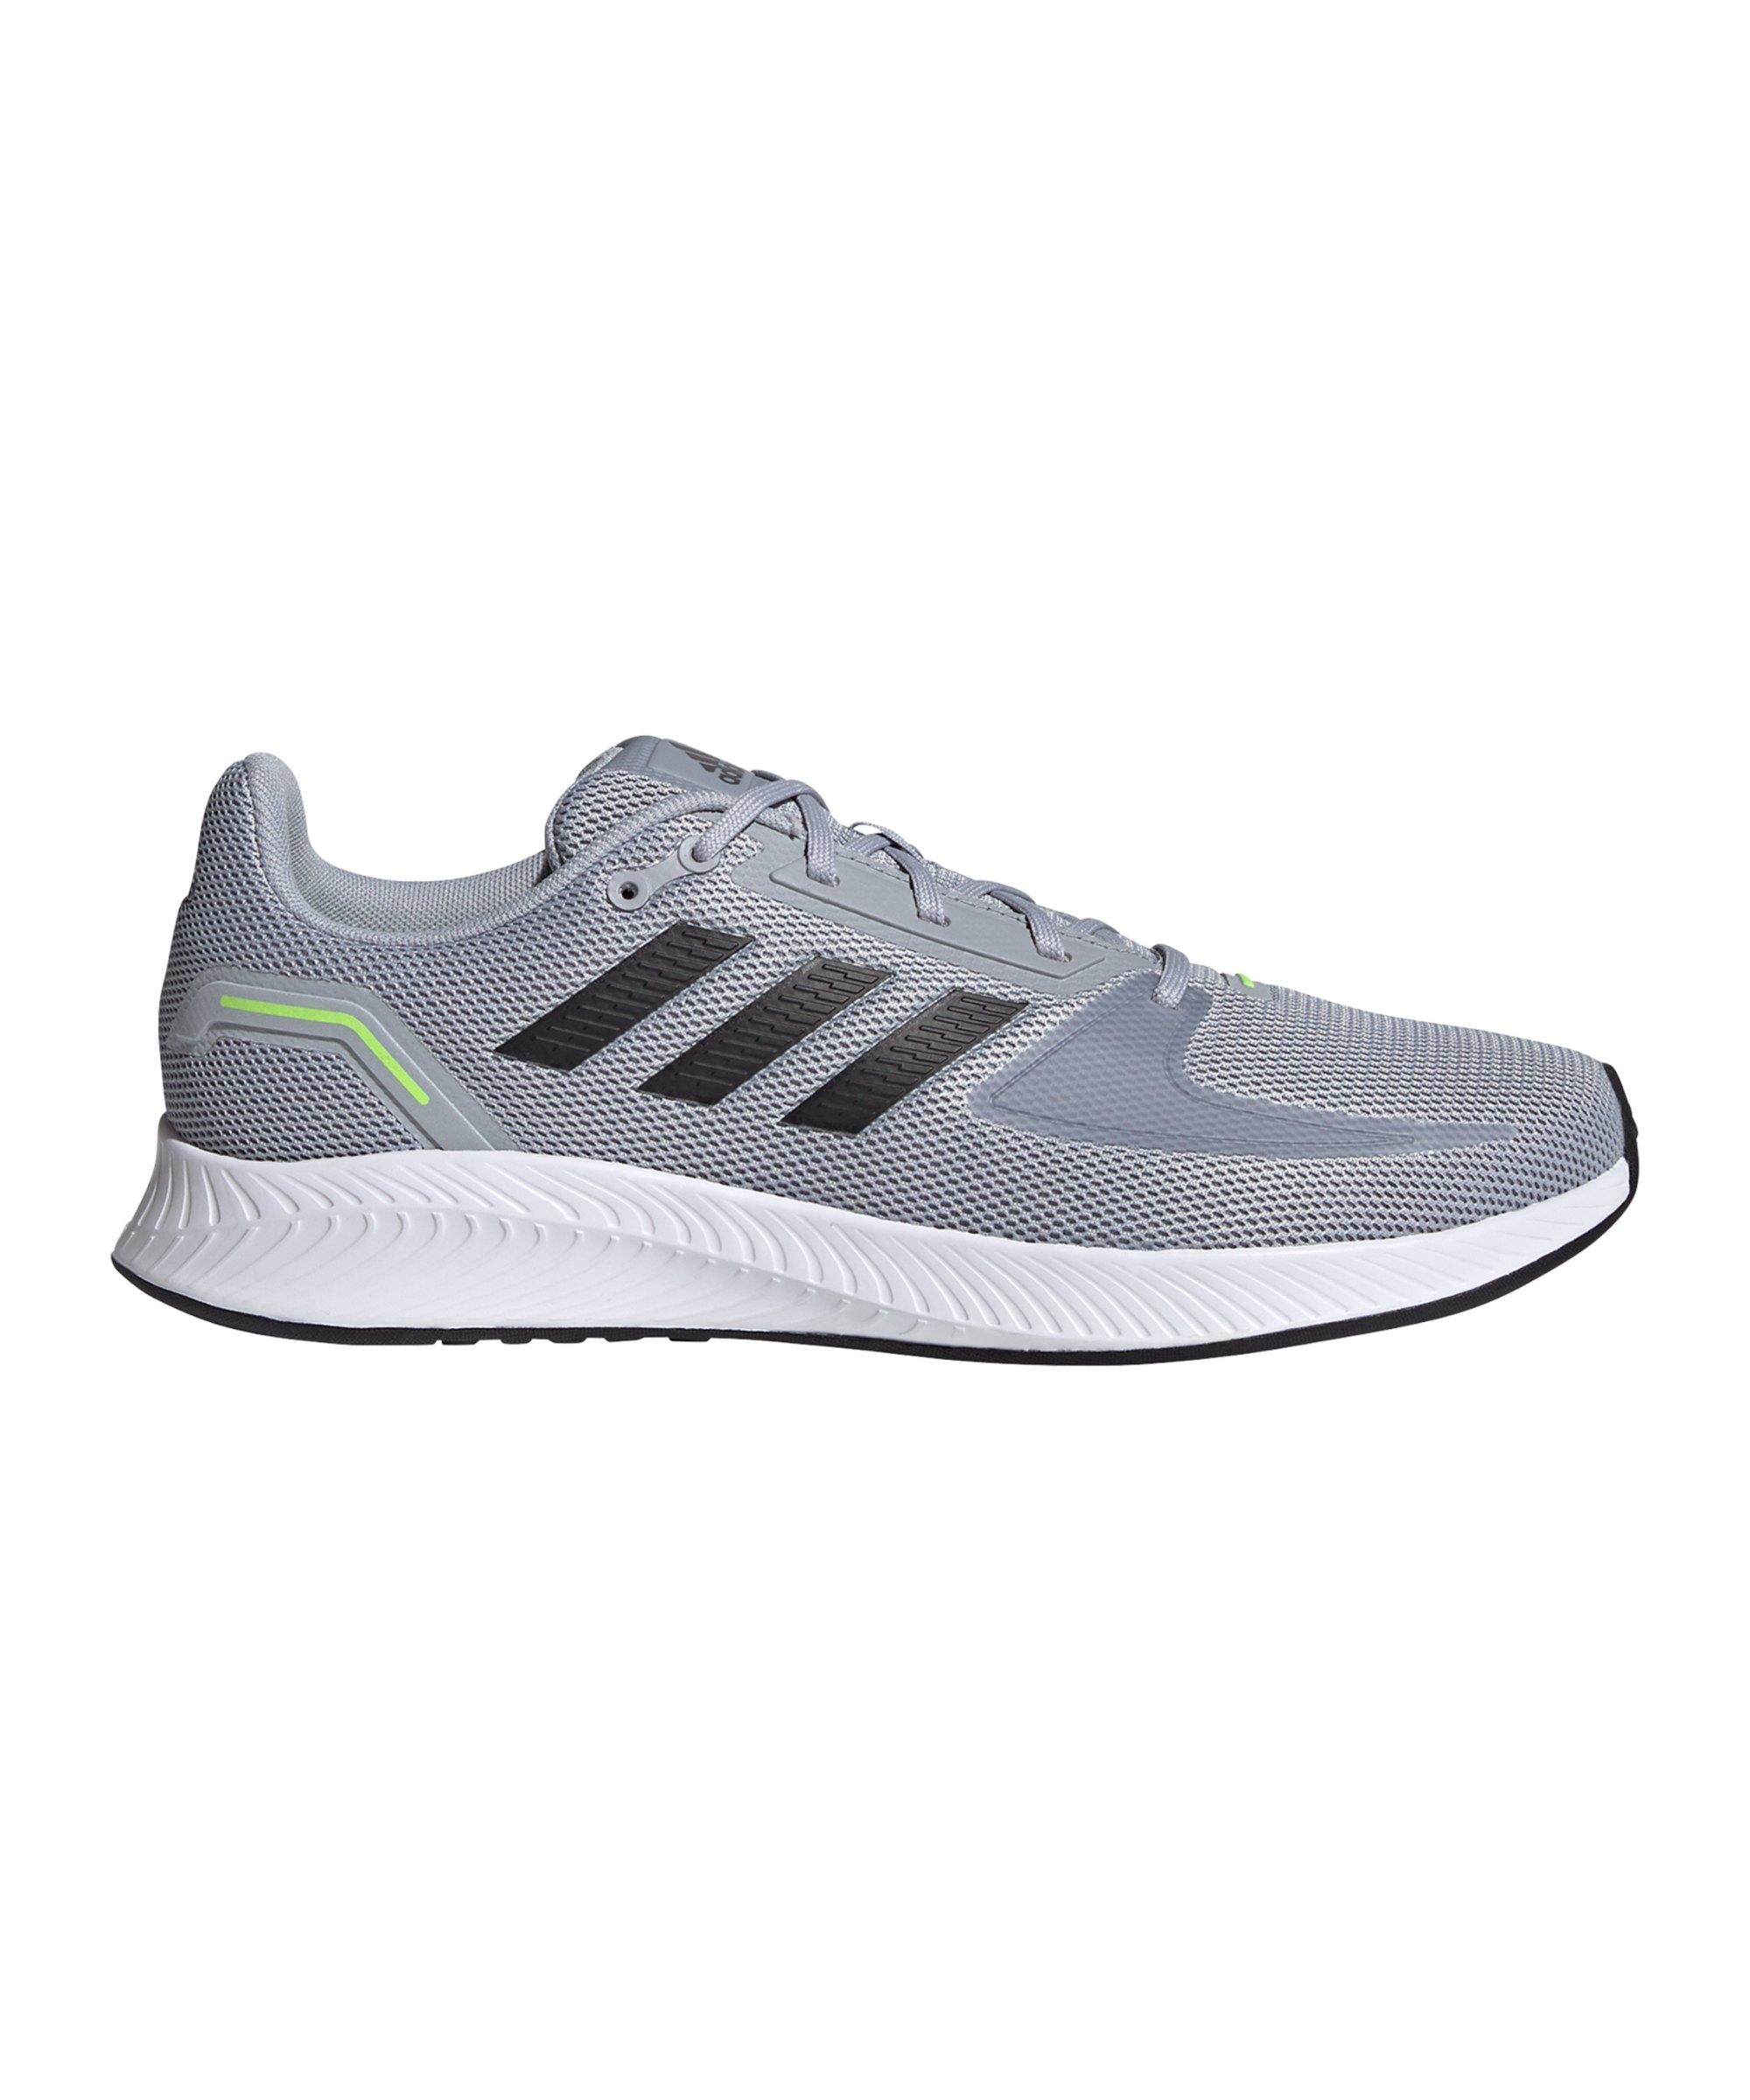 adidas Runfalcon 2.0 Running Grau - grau